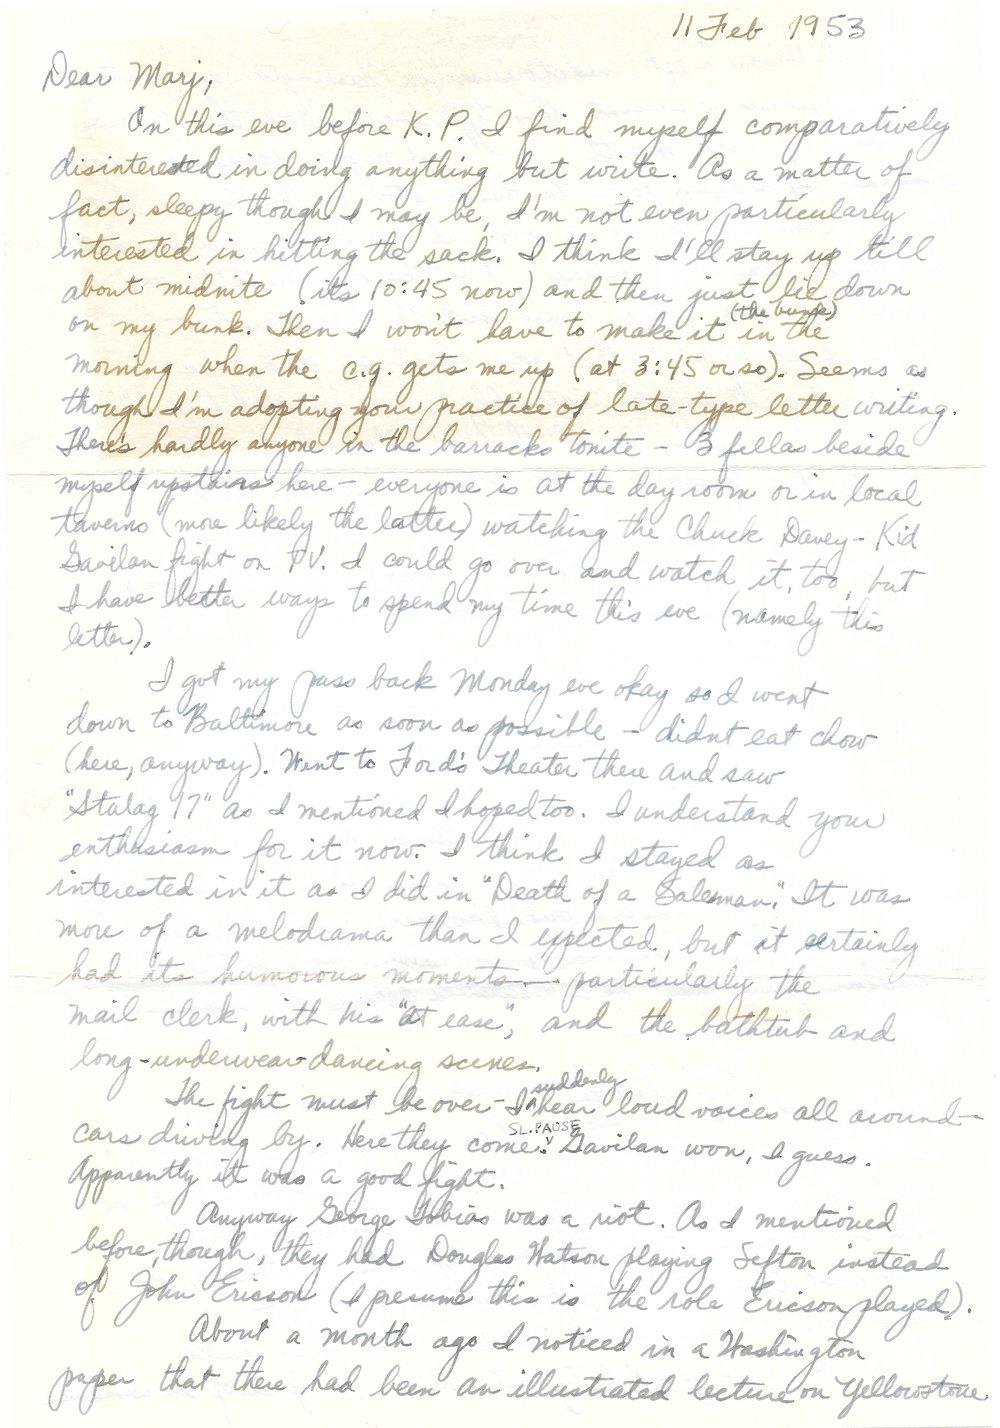 9. Feb. 11, 1953 (Opa)_Page_2 (Real).jpeg